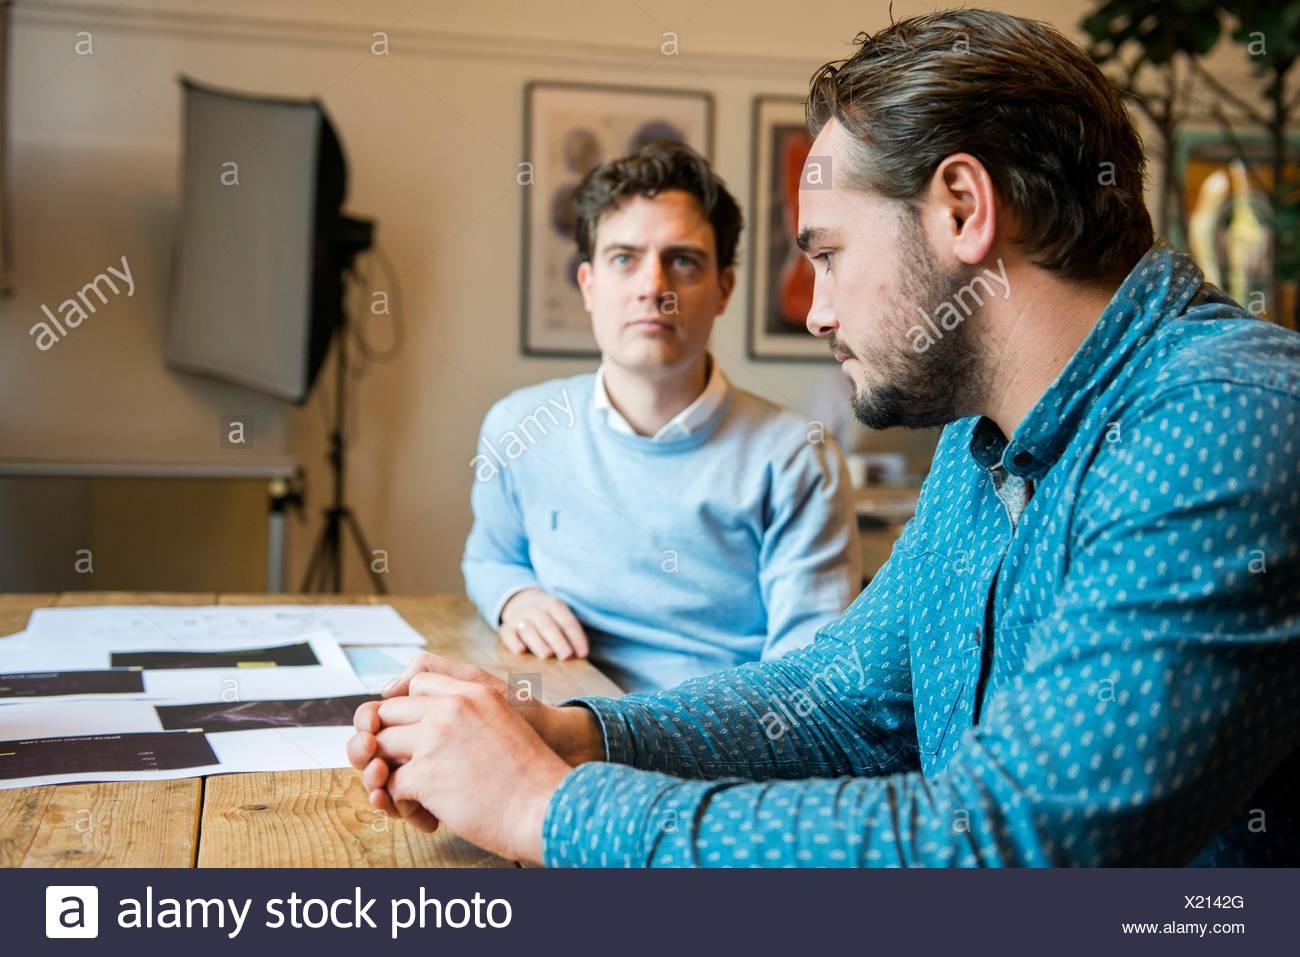 Utrecht, Niederlande. Zwei professionelle, kreative Männer und Künstler erläutern ihre Arbeit in die Erstellung der Hart-insel Projekt Webseite. Stockbild